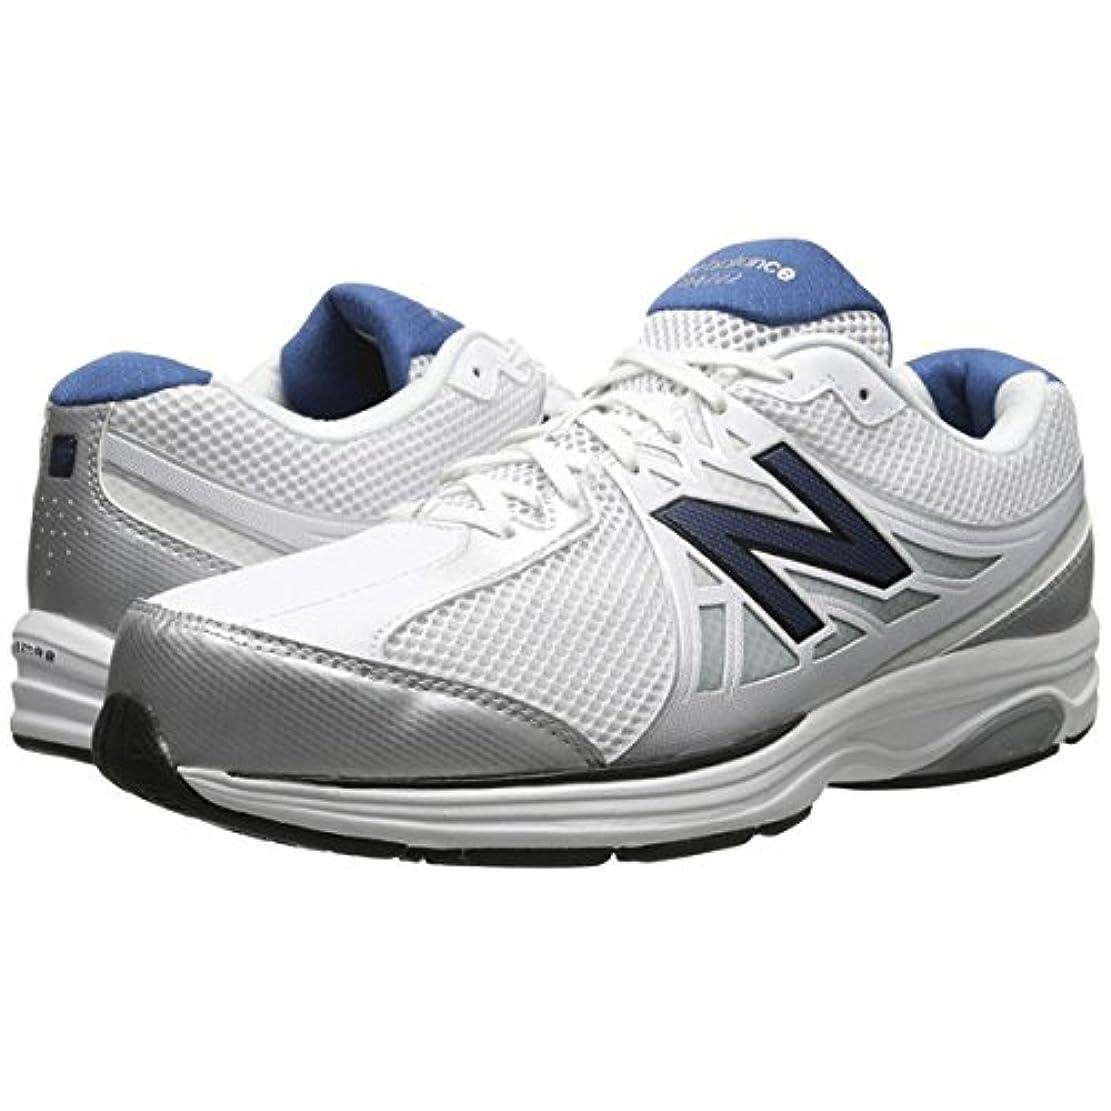 不定請求書社交的(ニューバランス) New Balance メンズ シューズ?靴 スニーカー MW847v2 並行輸入品